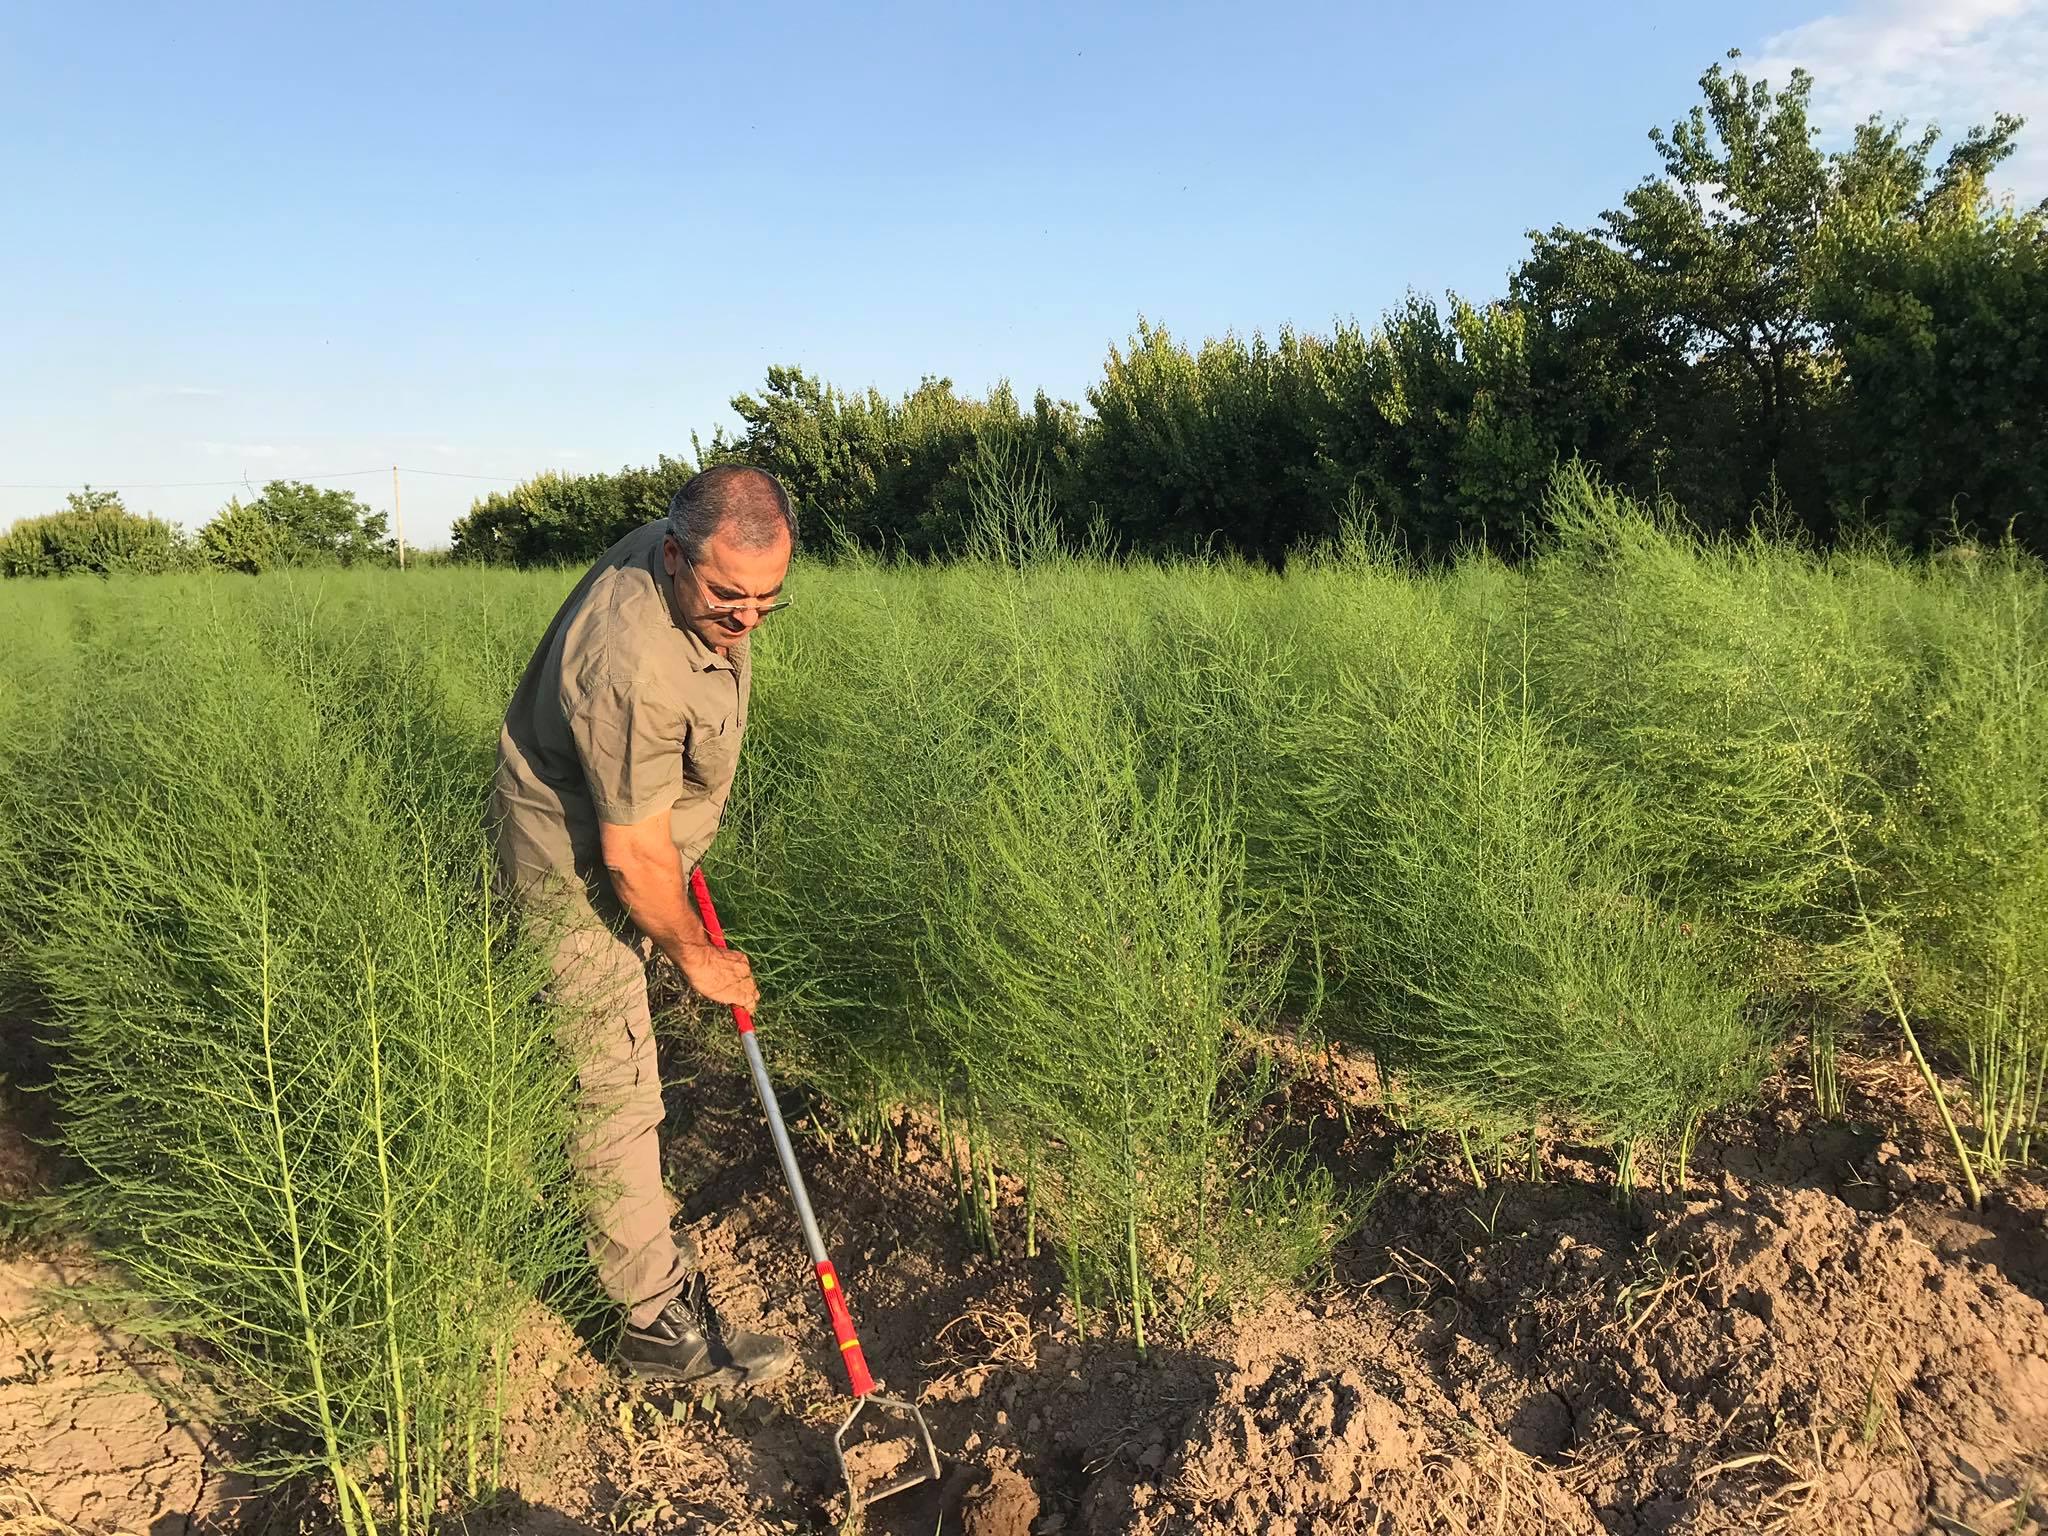 Karen Gabrielyan working in his field.